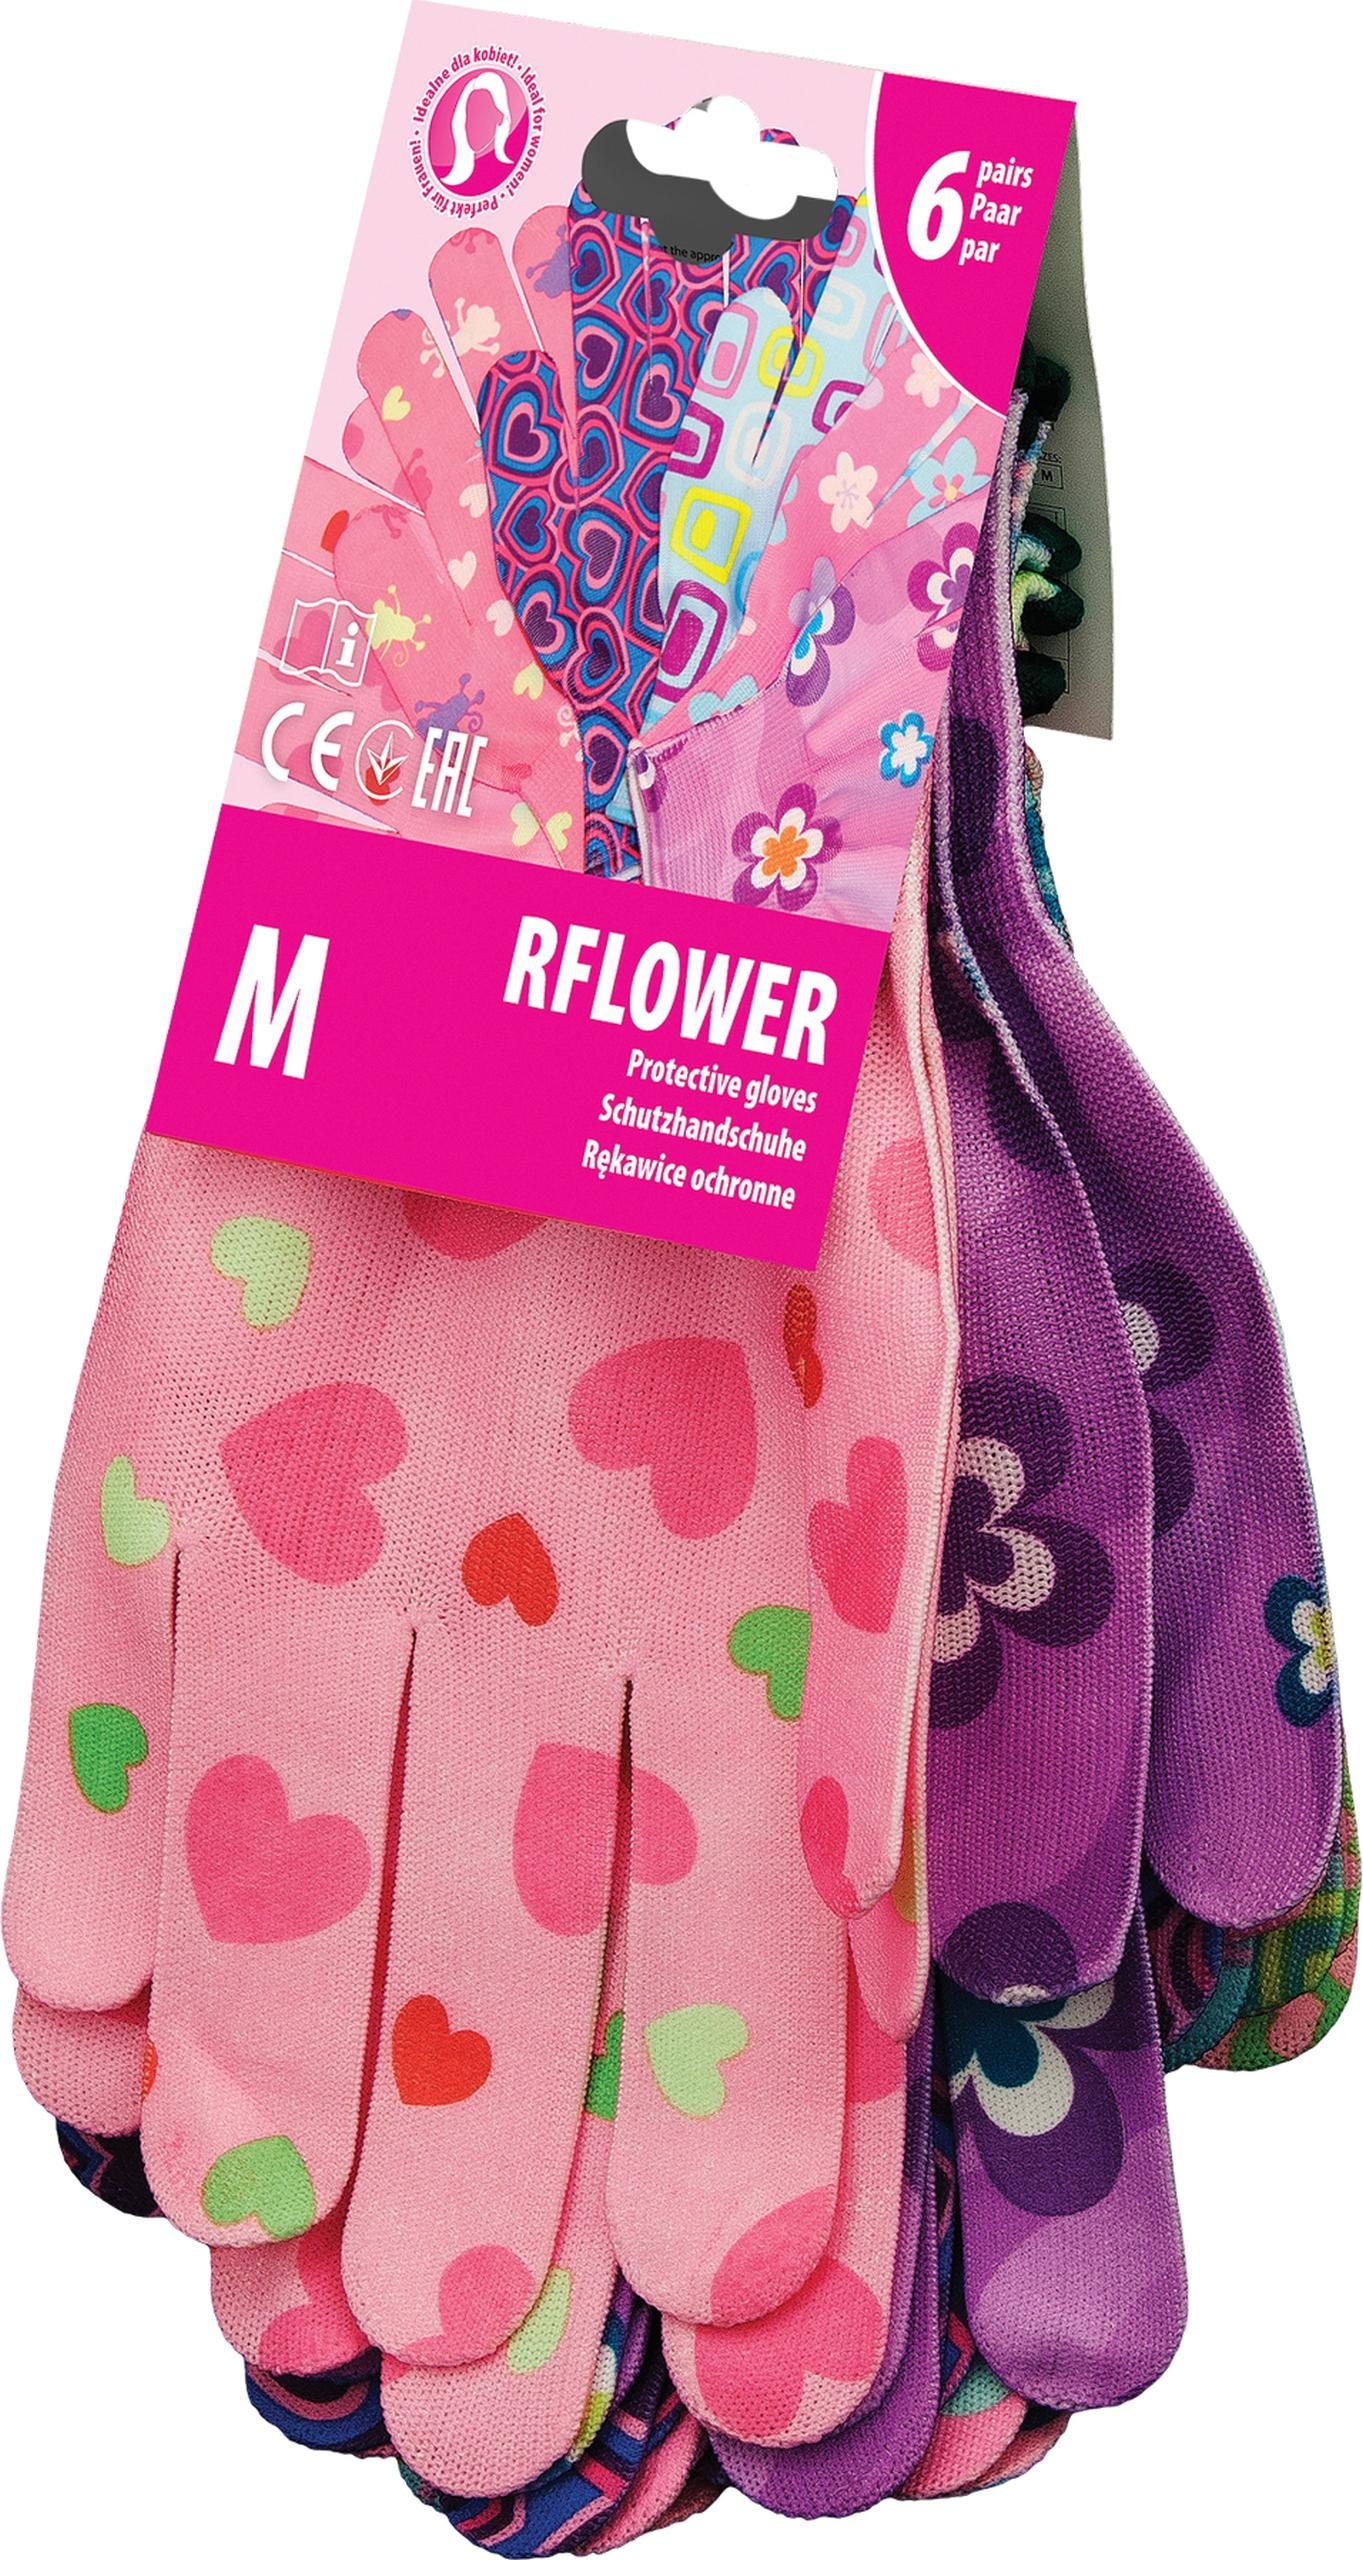 Защитные перчатки женский рабочий сад 1para M